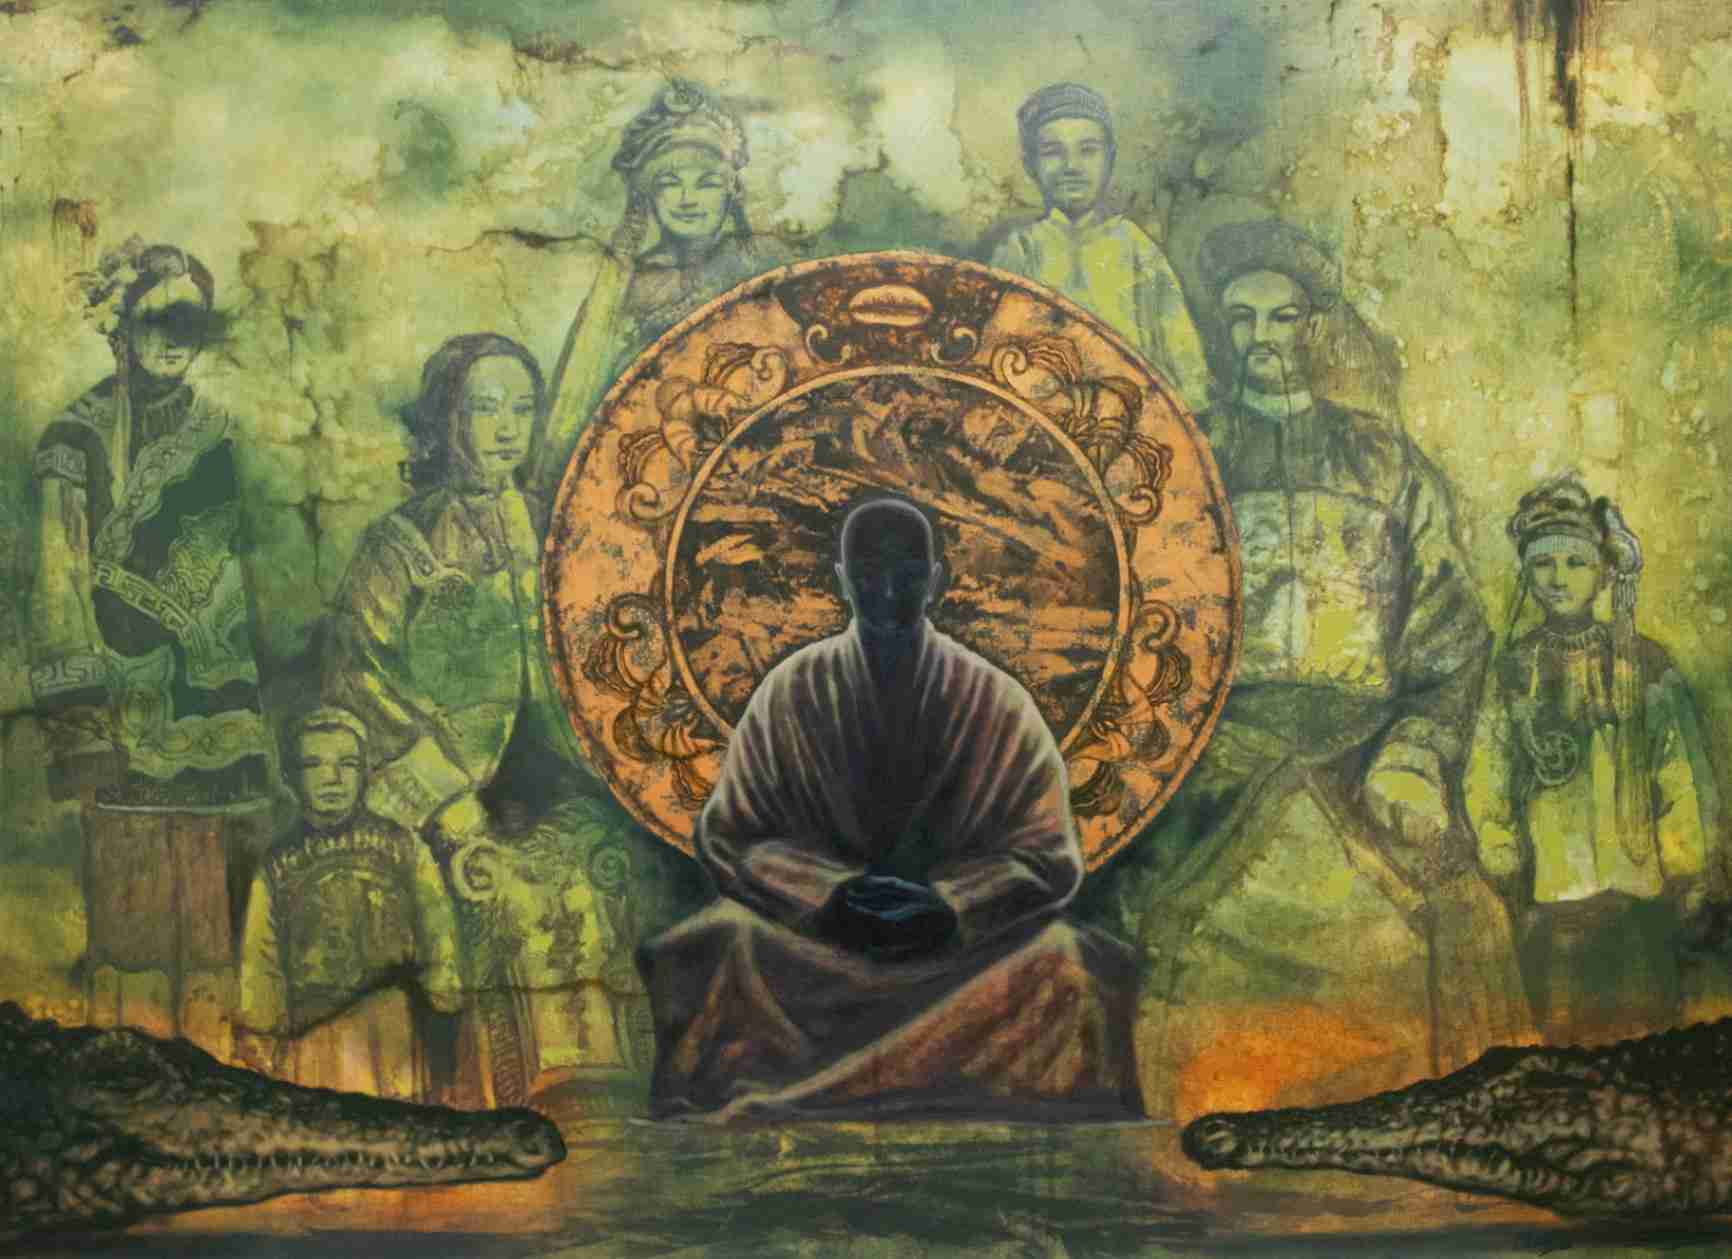 Obra: Meditación